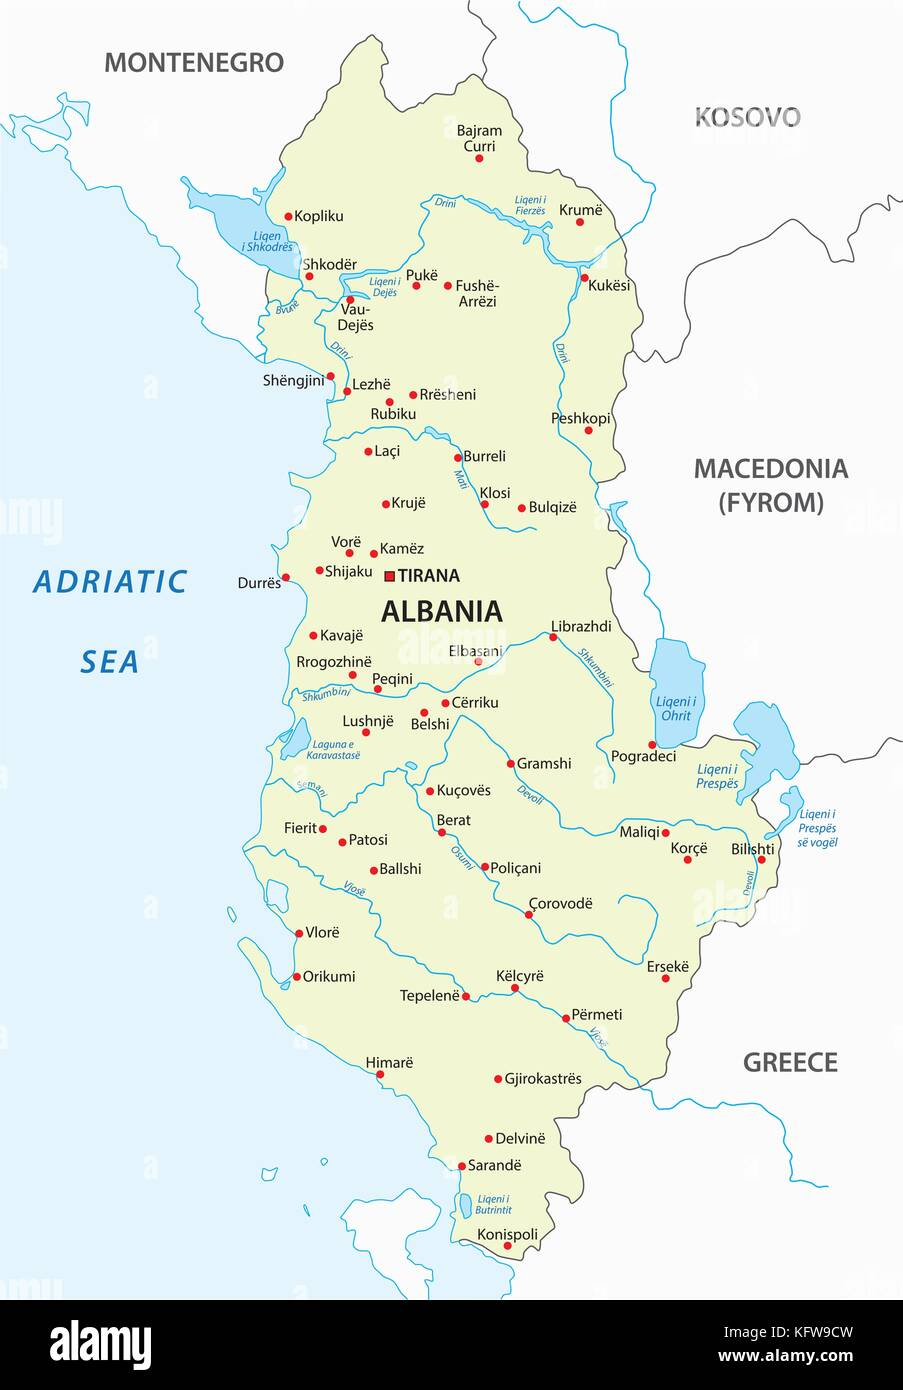 albania vector map - Stock Vector